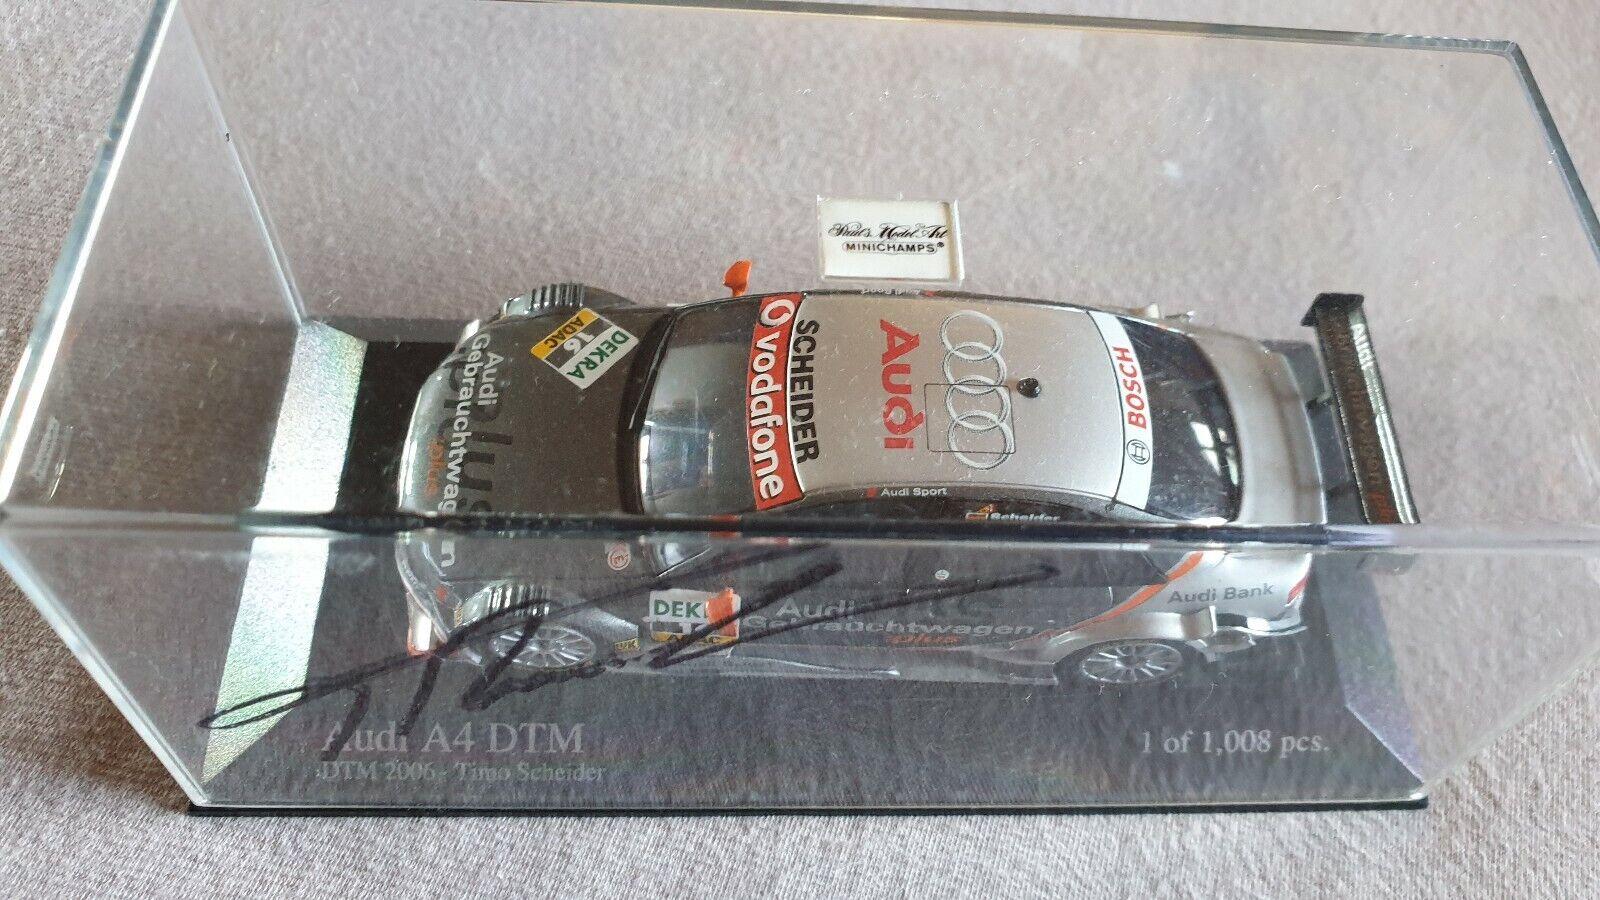 Audi A 4 DTM 2006 T. Scheider  16 Team Rosberg 1 43 Minichamps Original Signiert